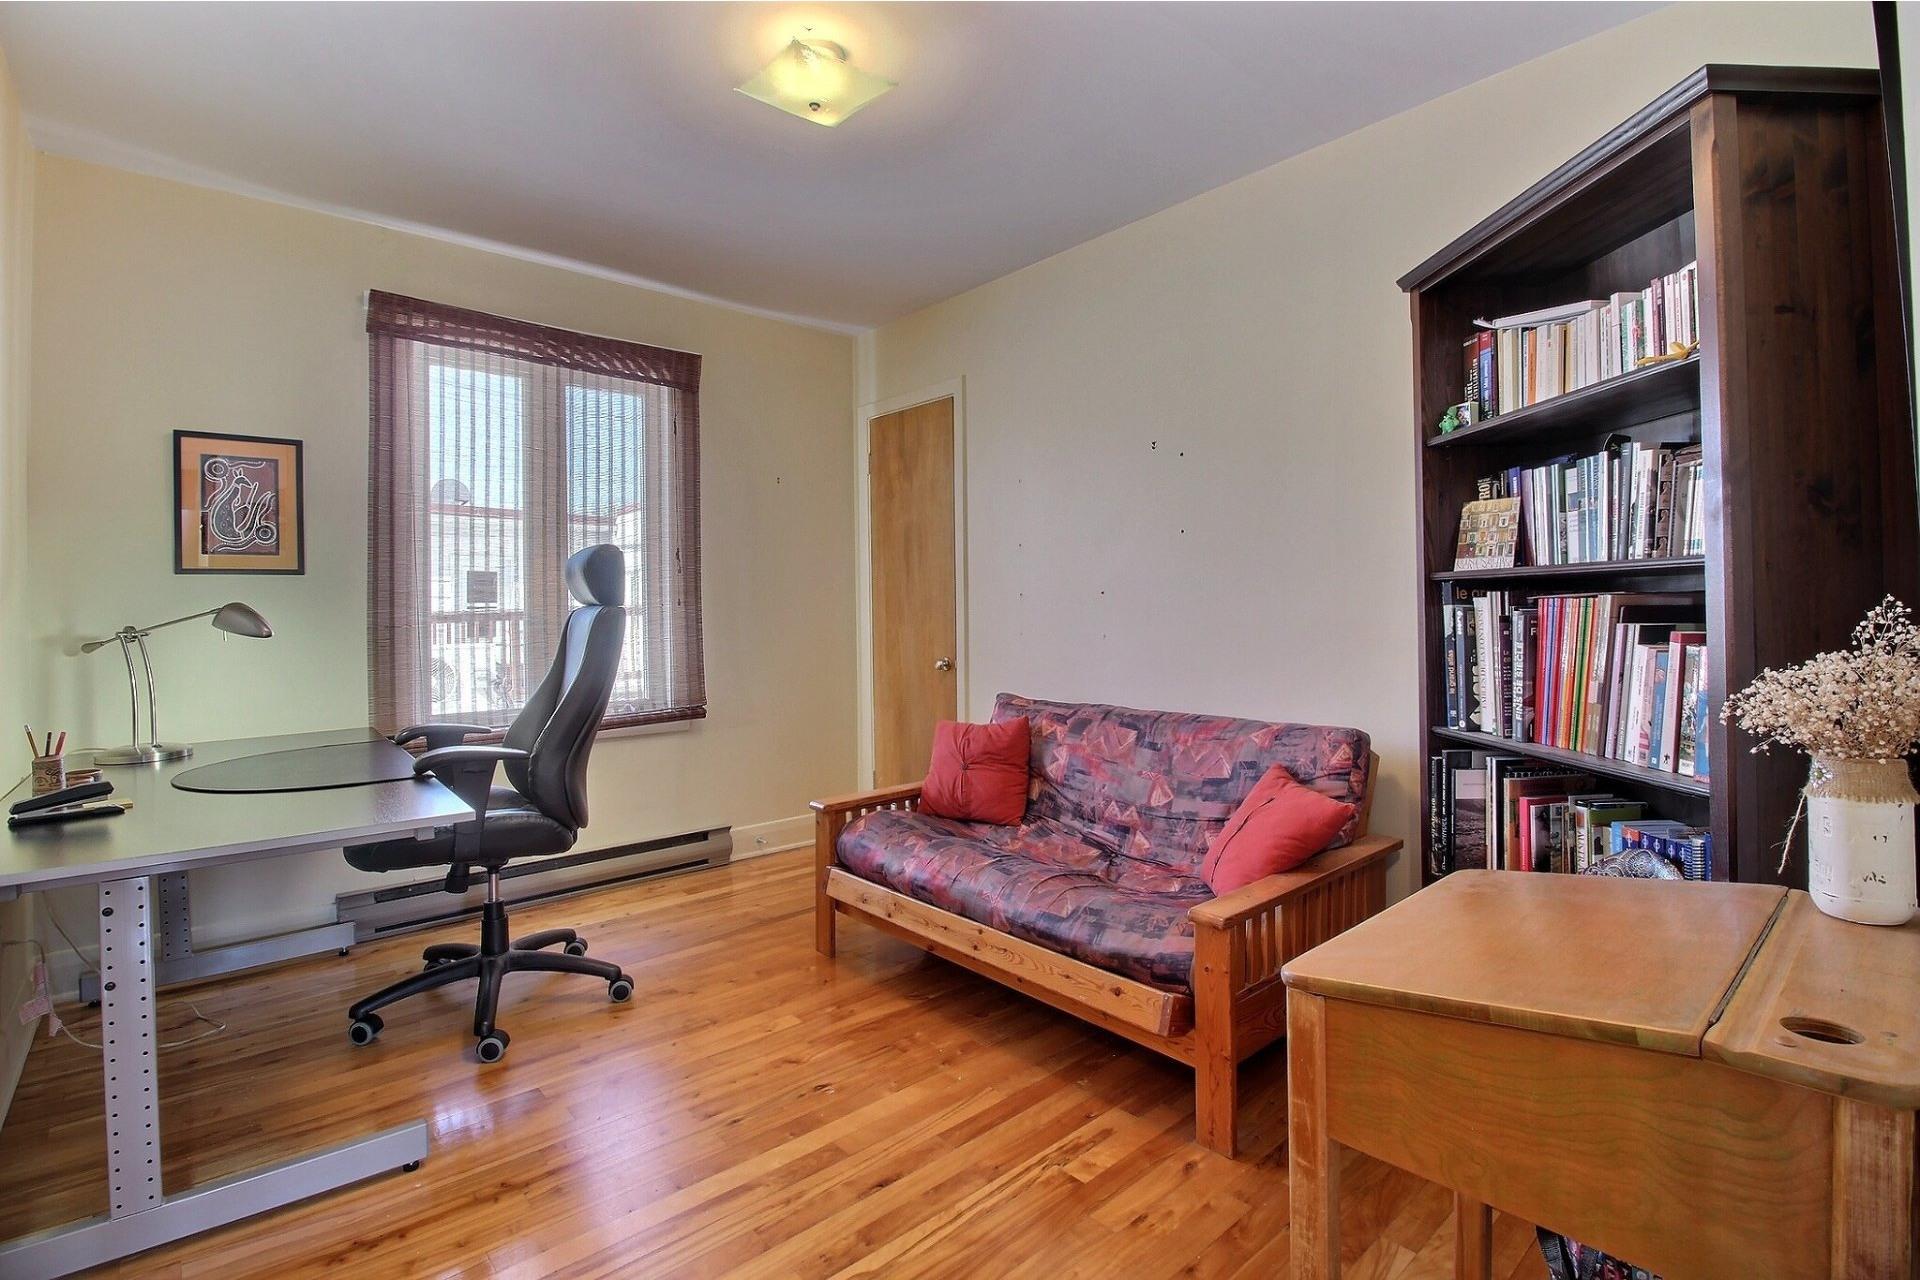 image 14 - Duplex For sale Joliette - 5 rooms